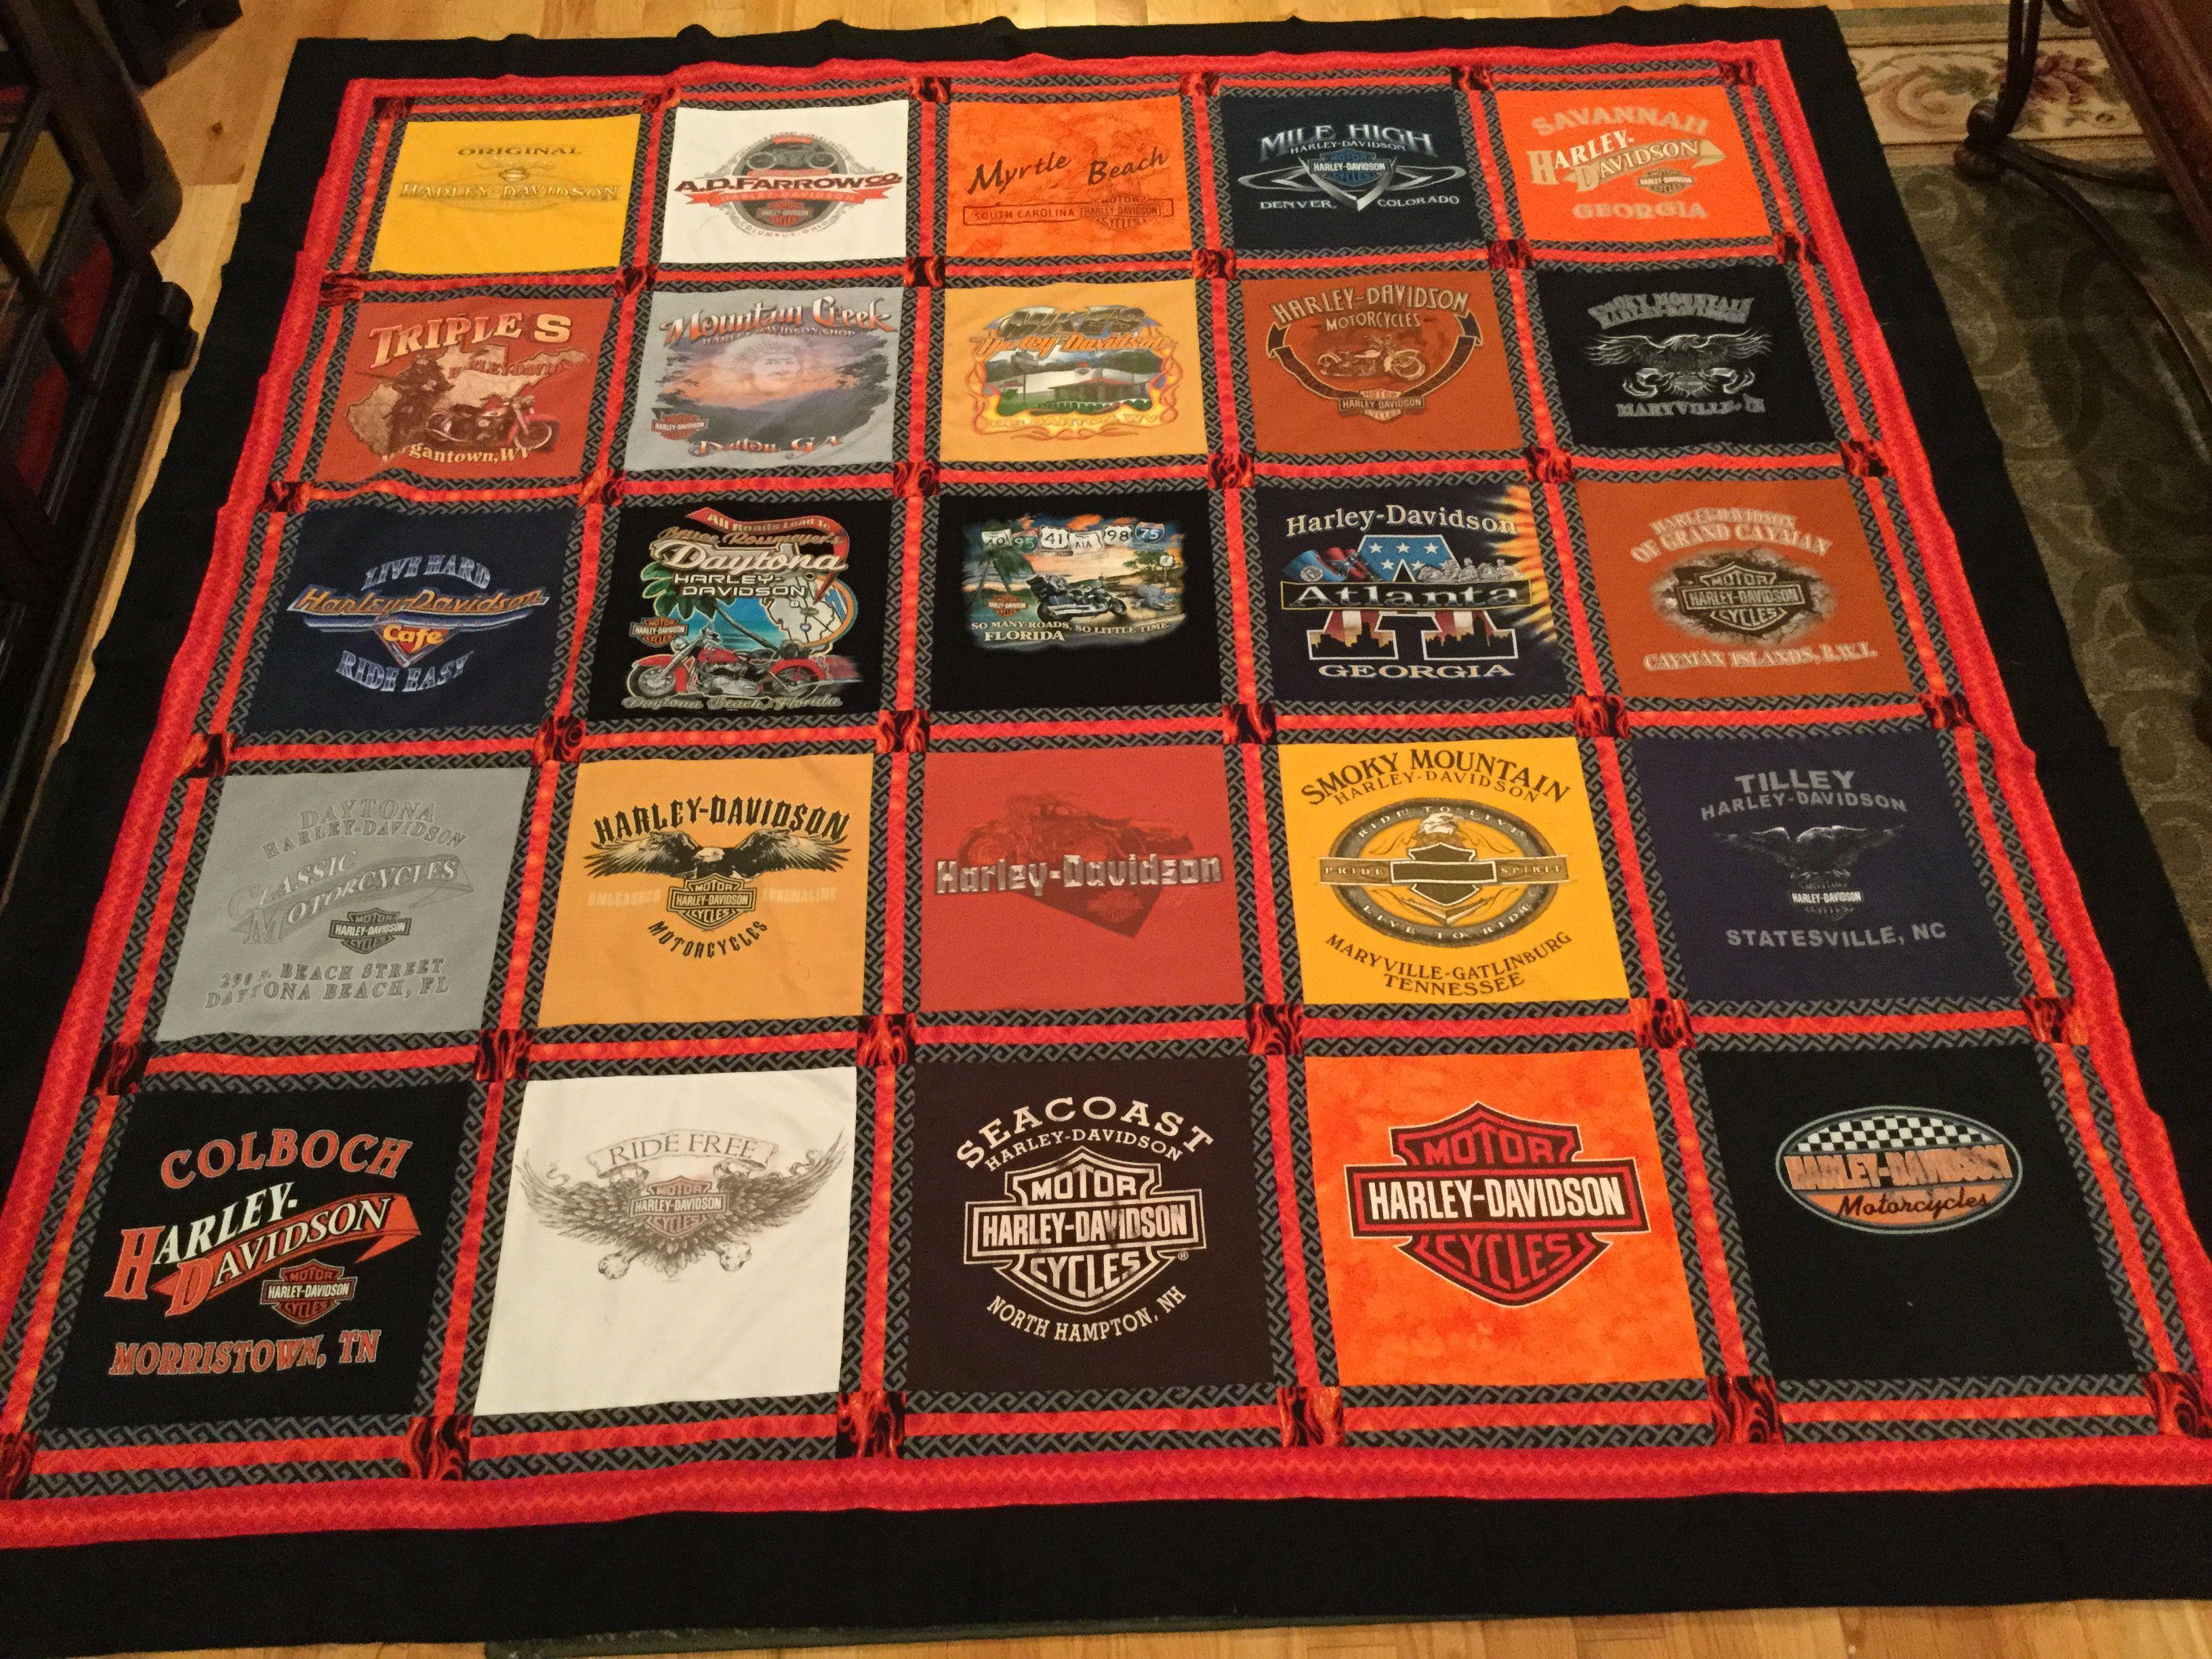 Harley Davidson T Shirt Quilt Harley T Shirts Shirt